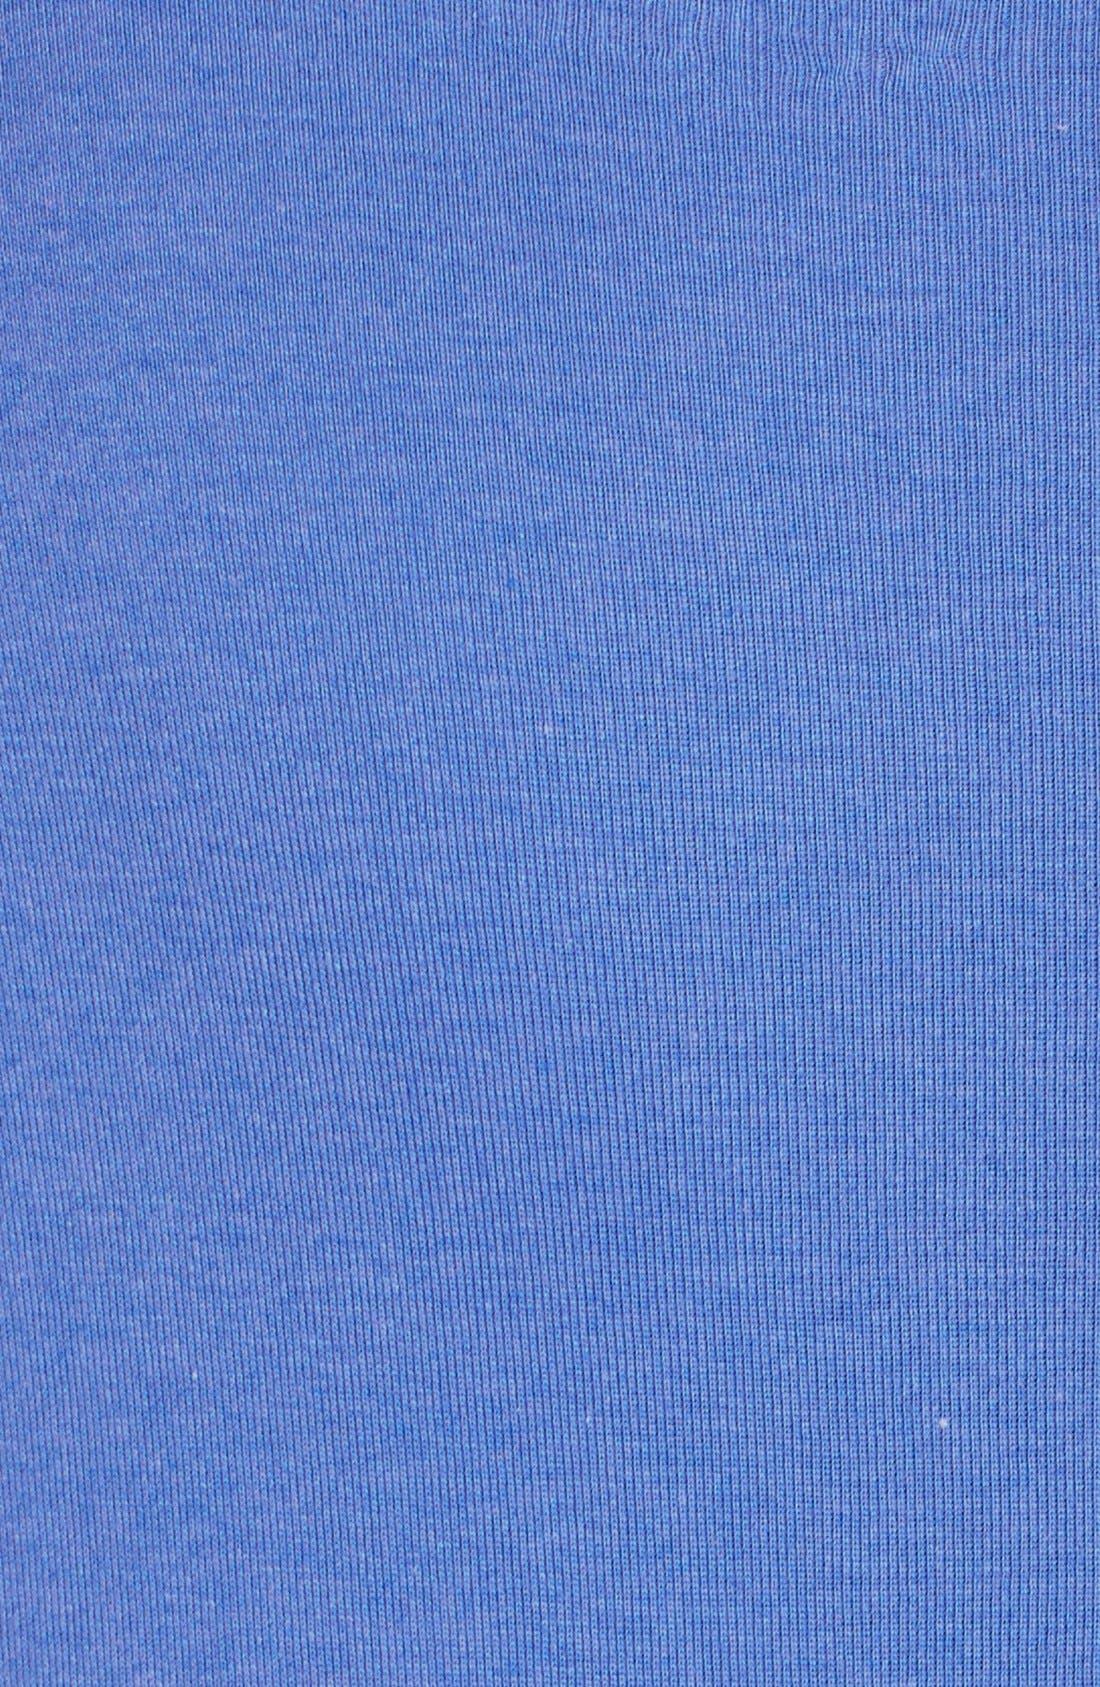 Short Sleeve V-Neck Tee,                             Alternate thumbnail 148, color,